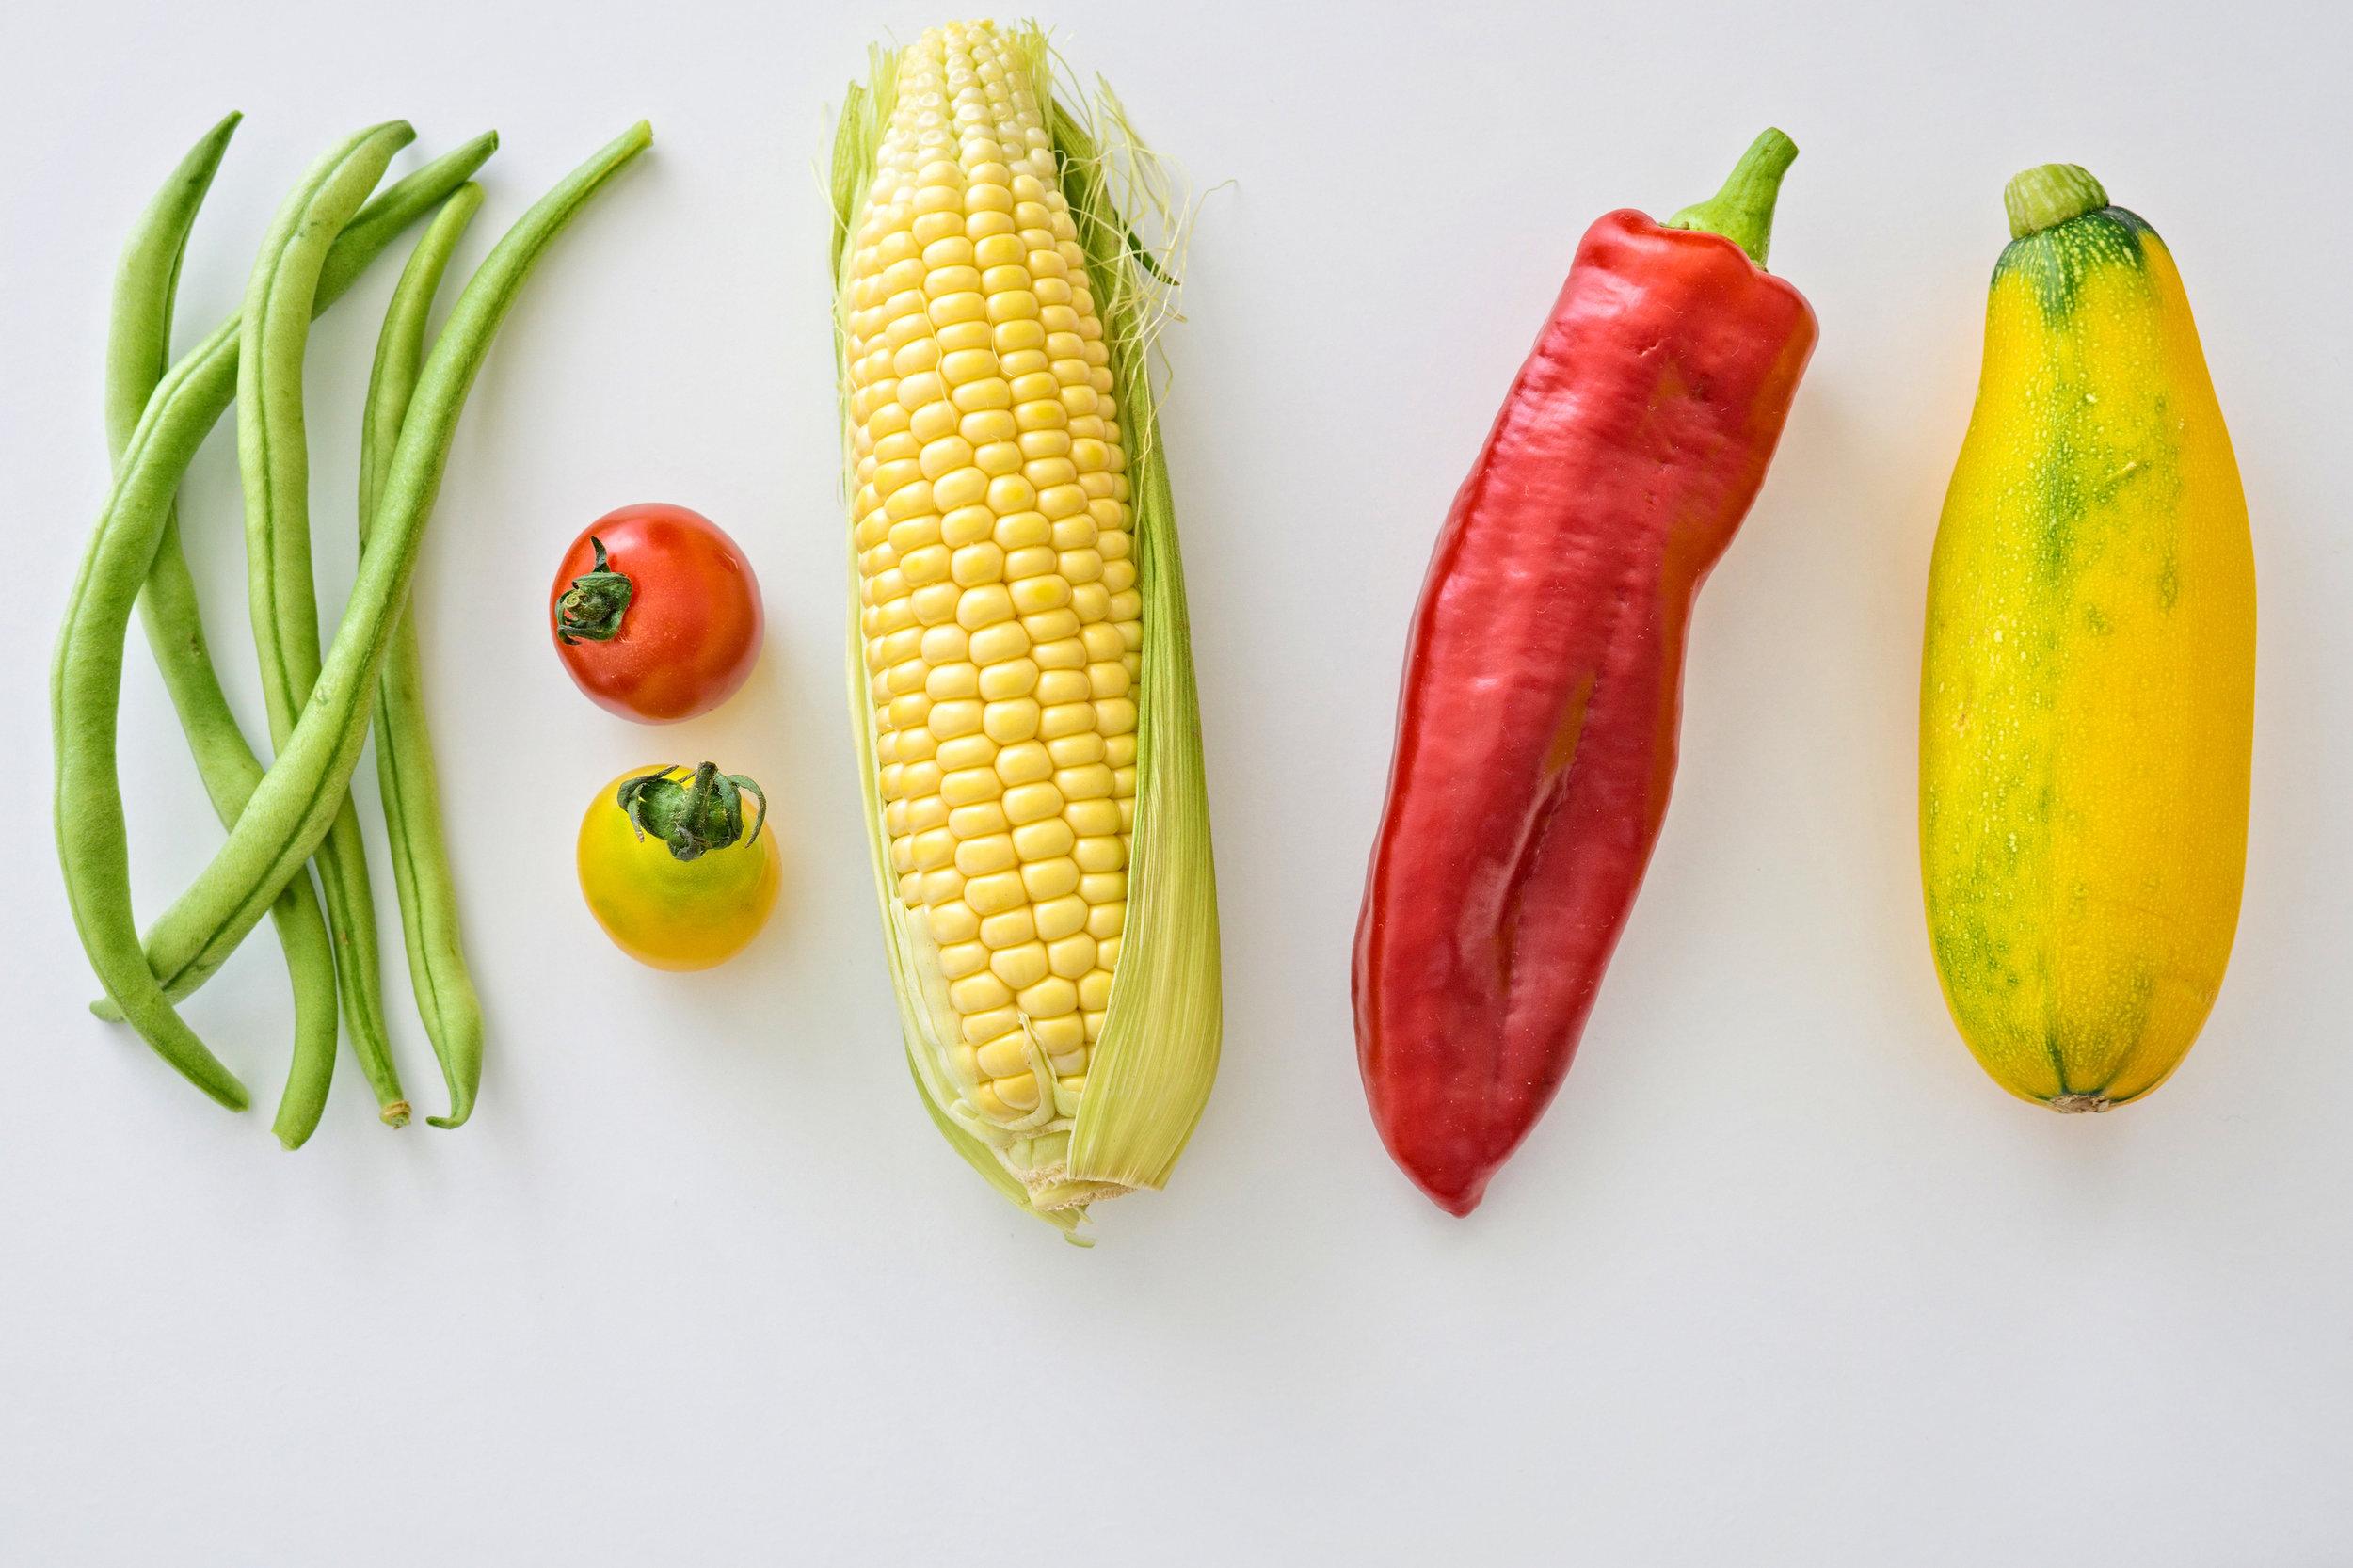 Produce Art